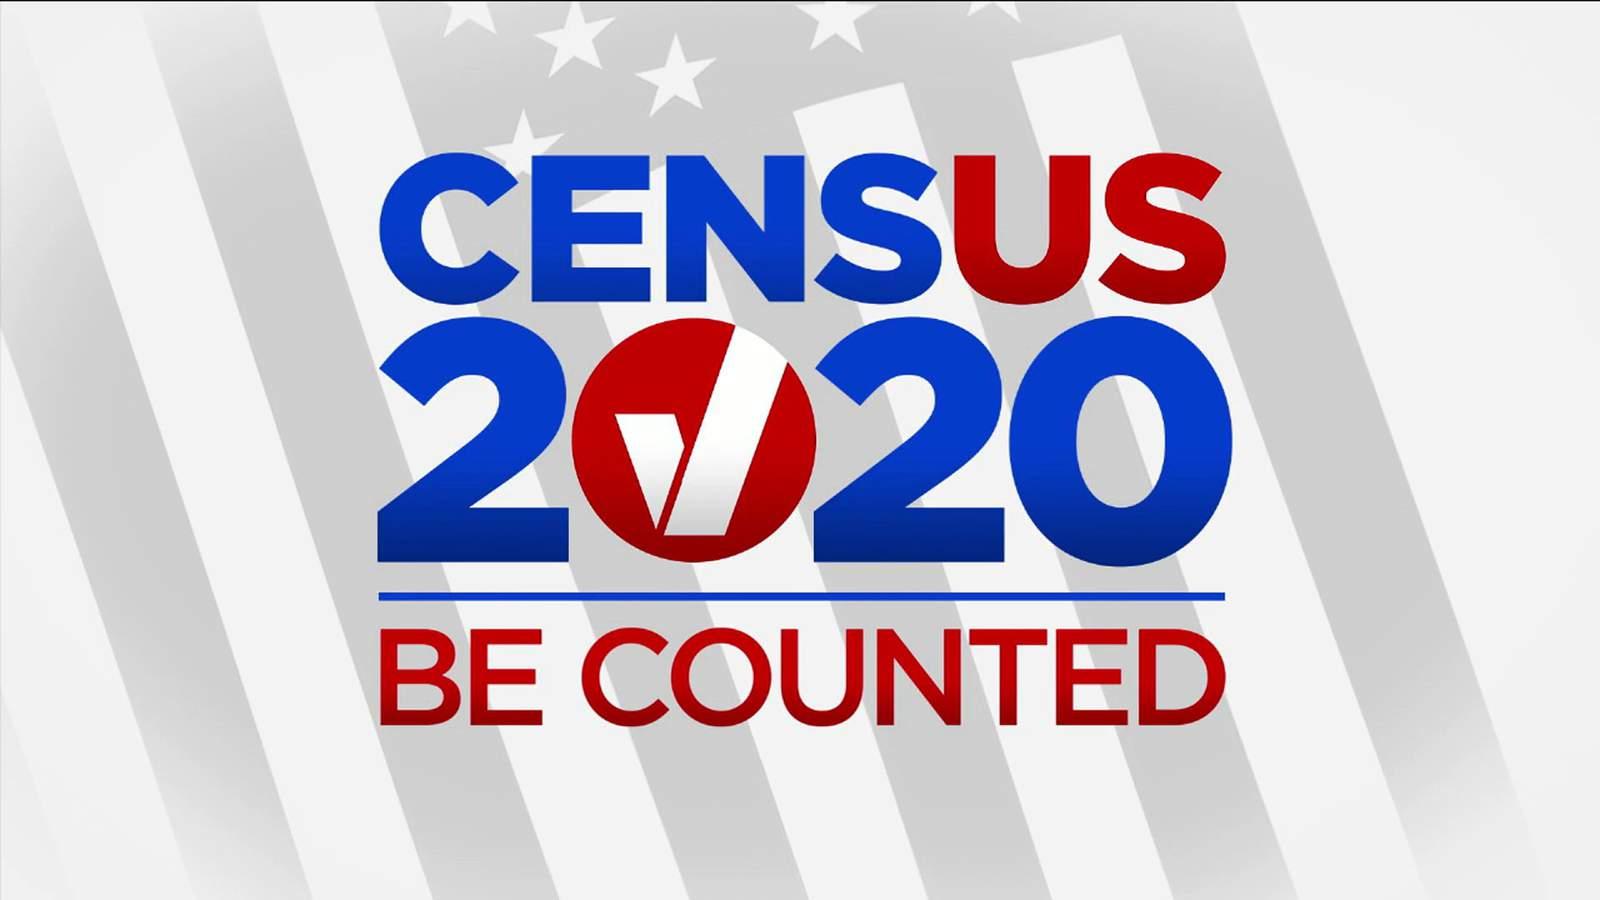 Hơn 91% số gia đình được kiểm đếm cho đến nay trong cuộc Thống Kê Dân Số 2020